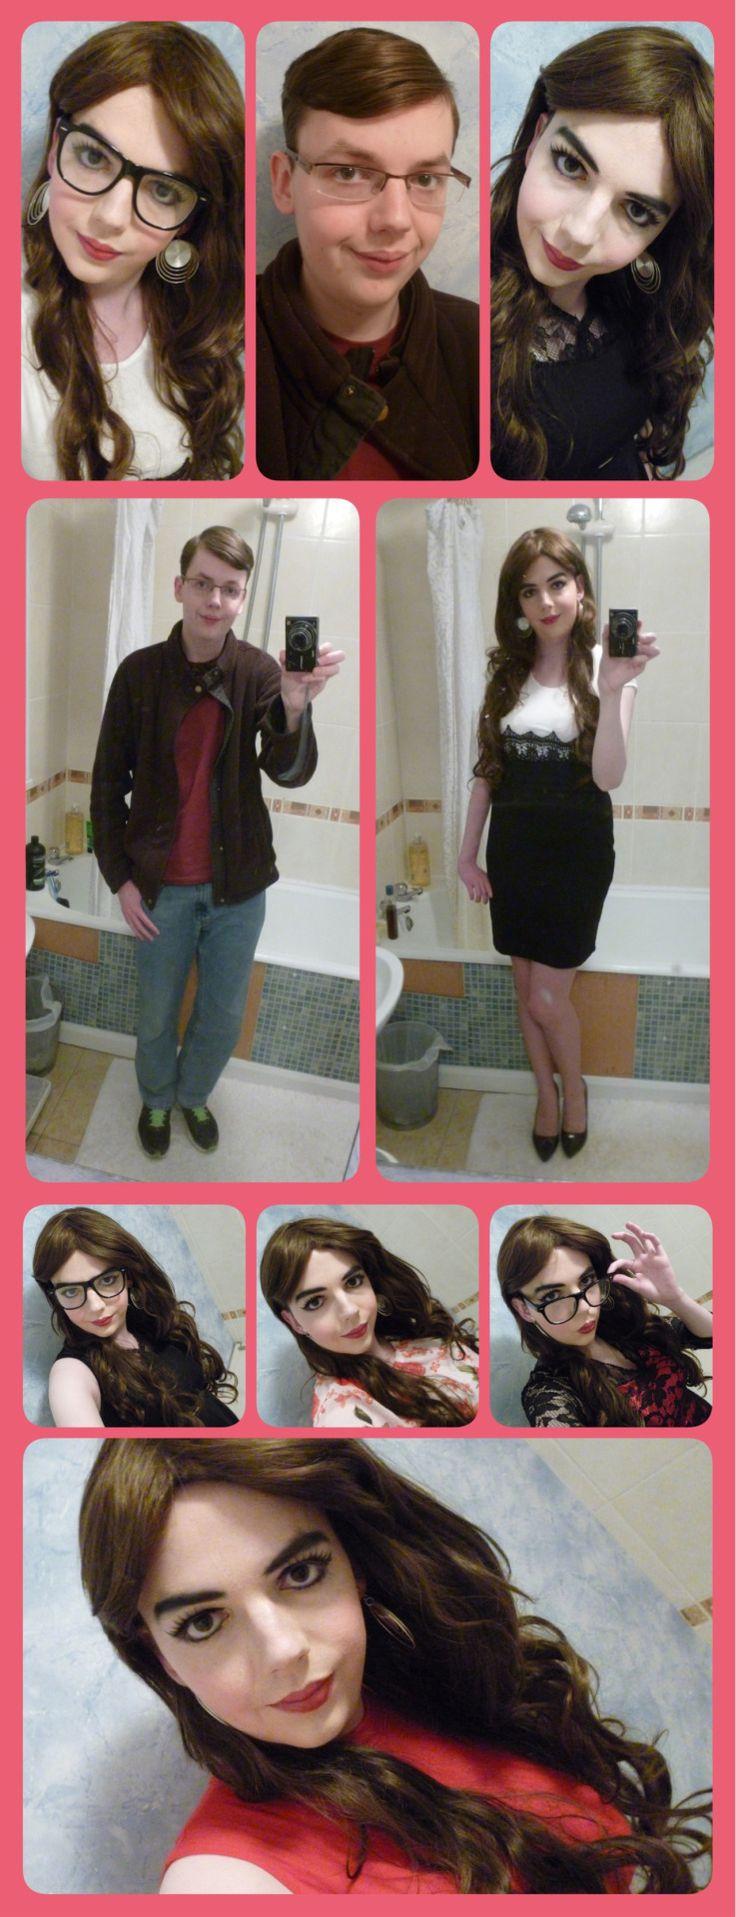 118 Besten Transgender Before And After Bilder Auf -9046